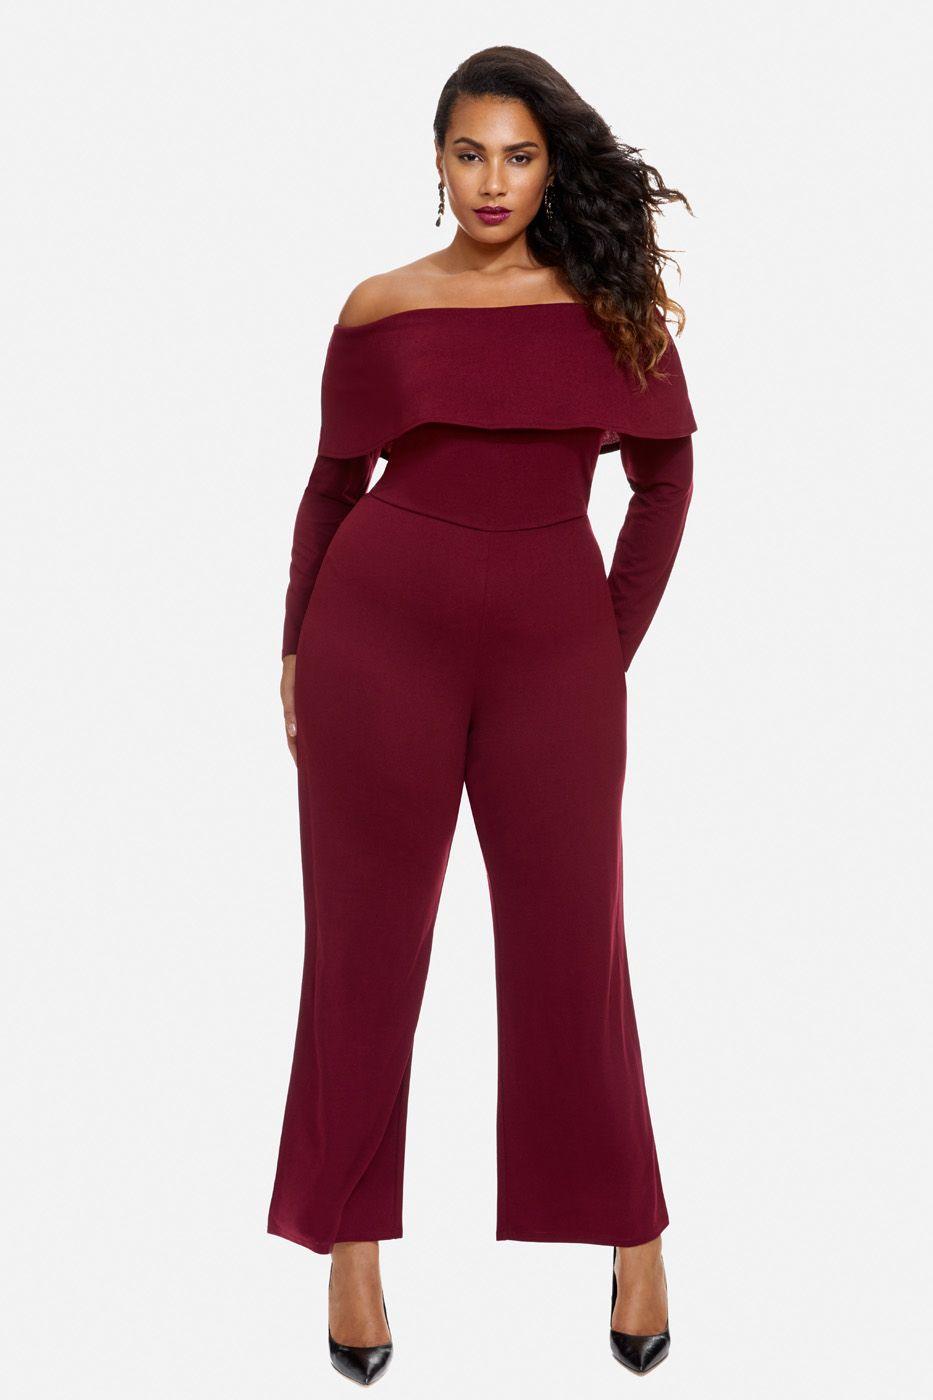 c6bee229db1 Plus Size Fall 2017 - Plus Size Off Shoulder Wide Leg Jumpsuit (curvy)